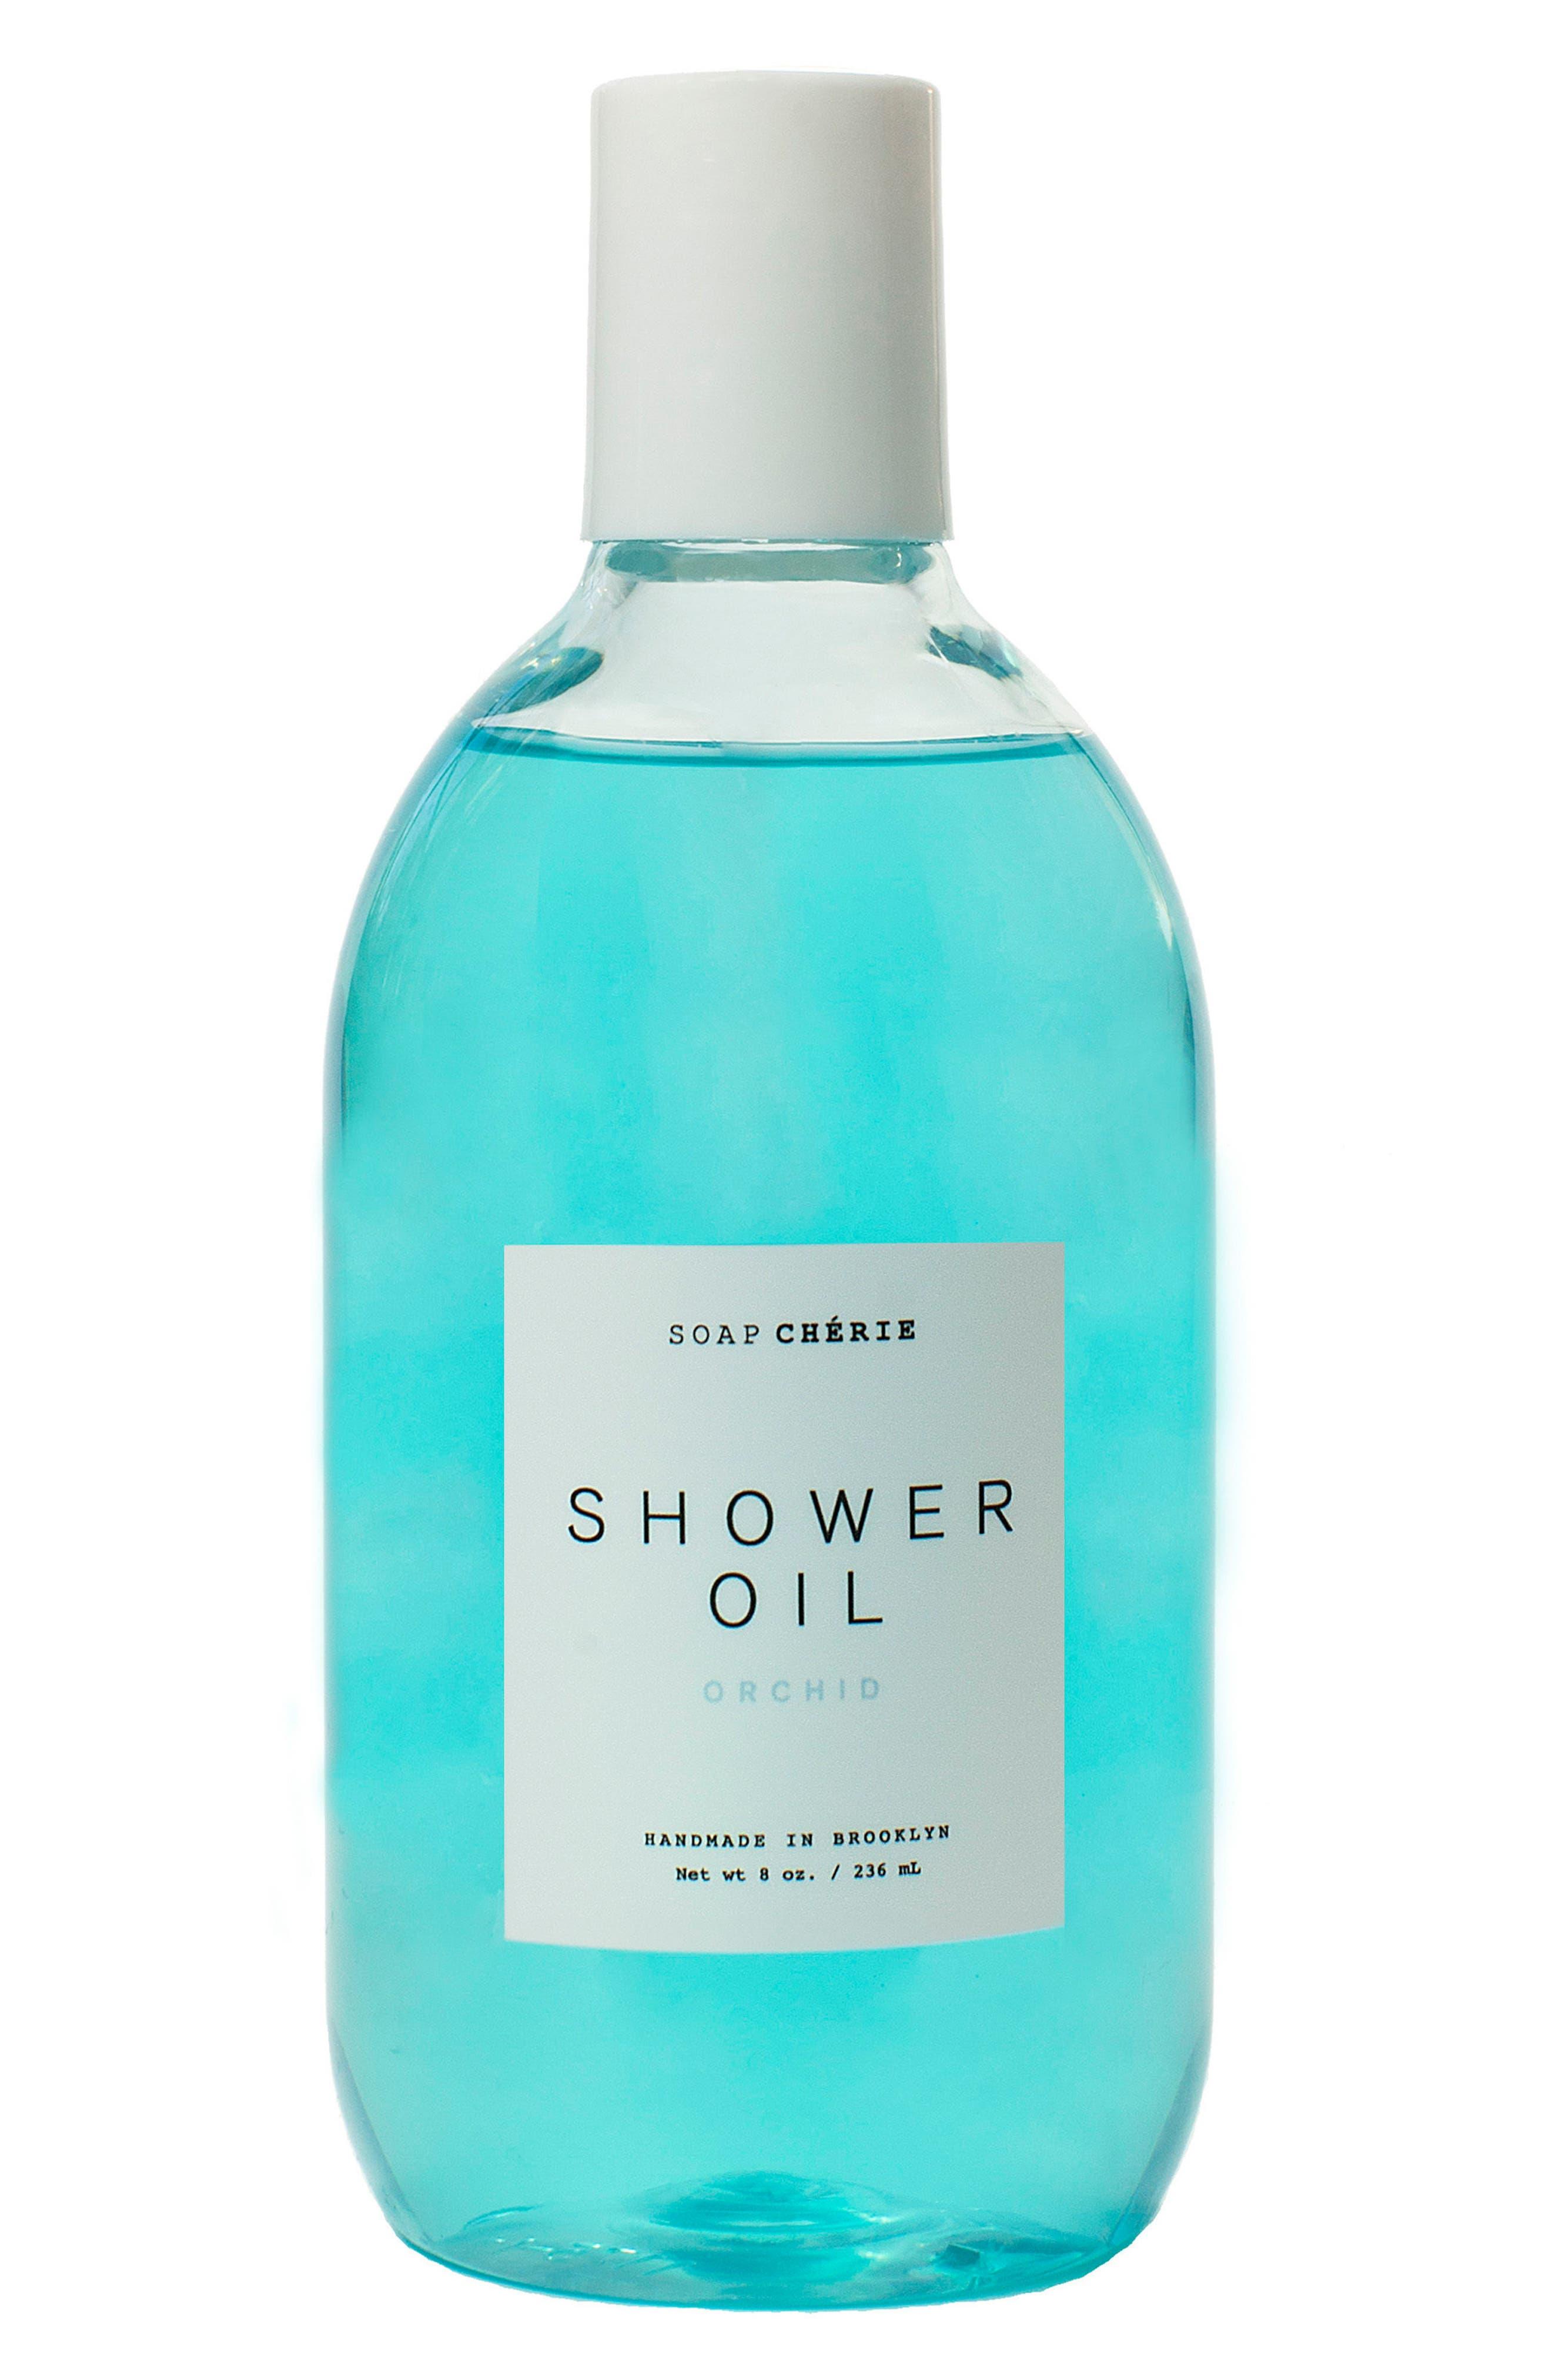 Soap Chérie Luxurious Shower Oil